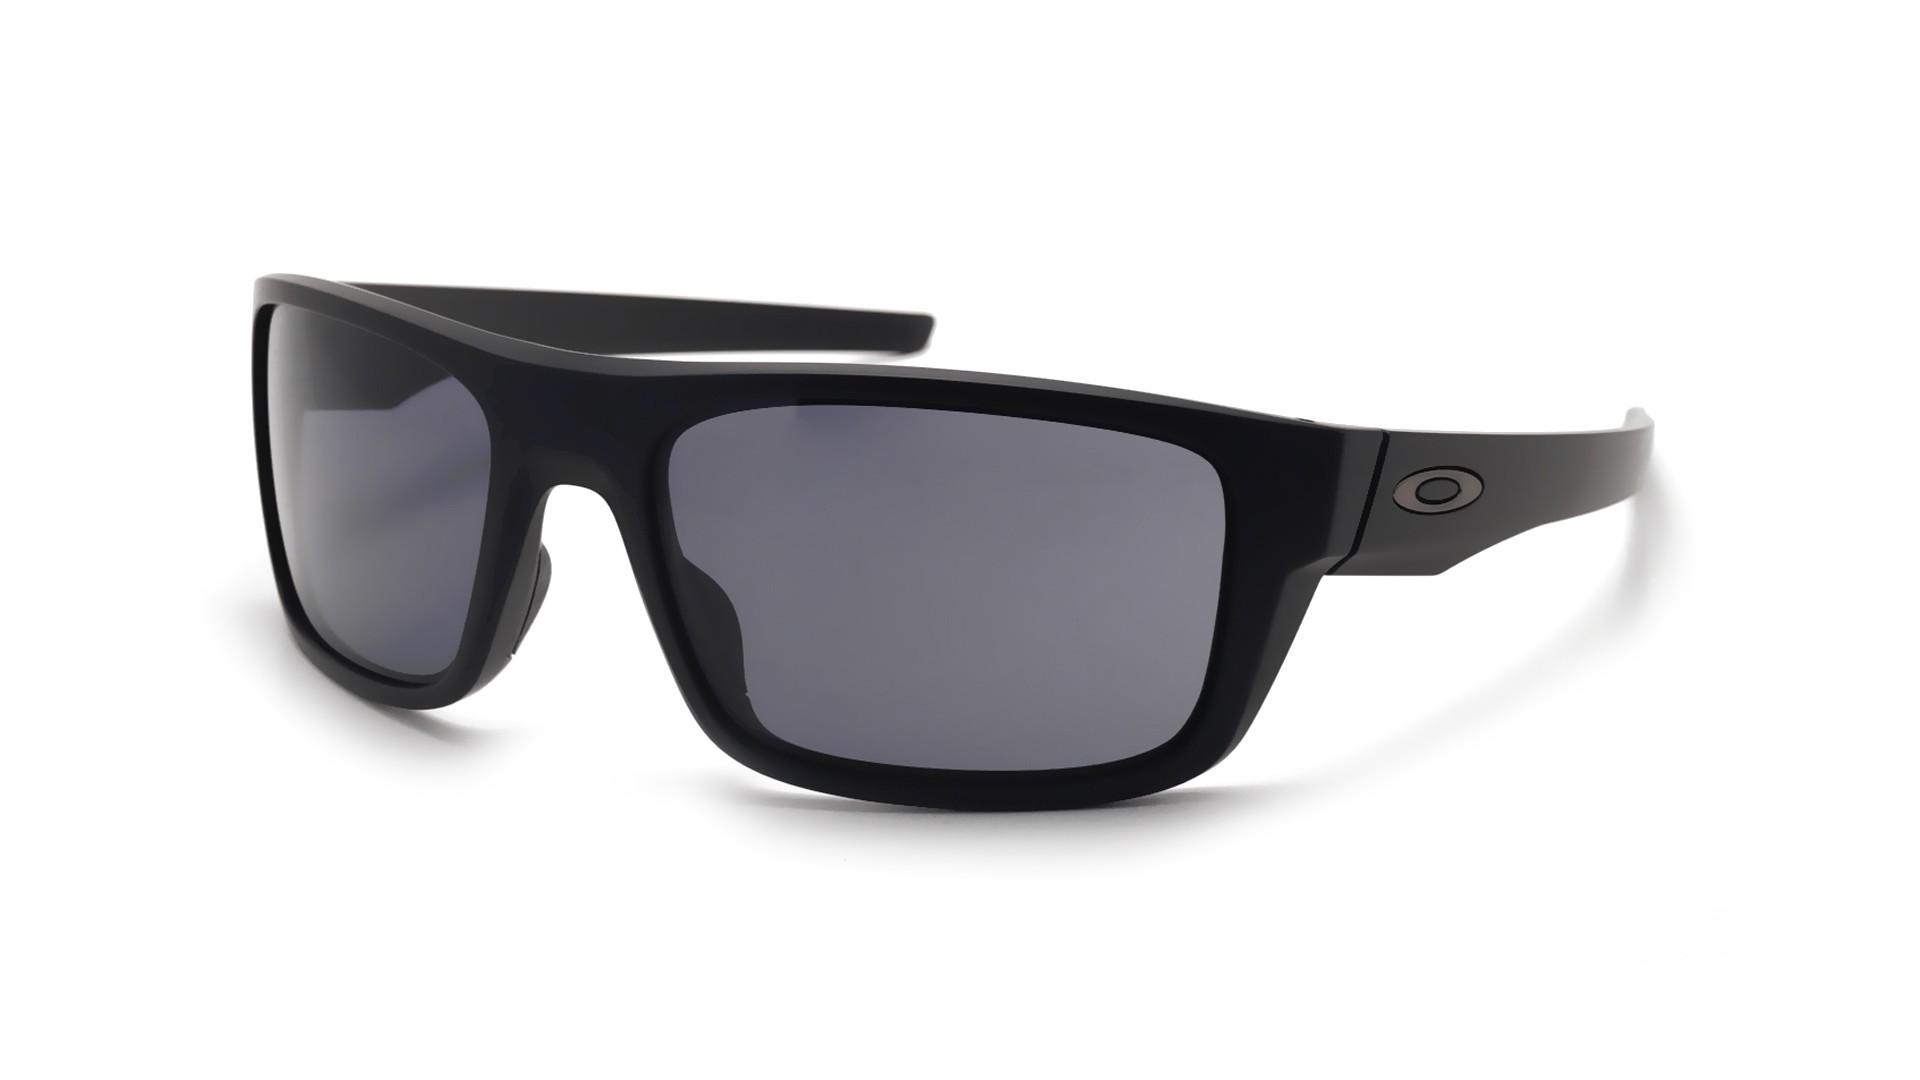 52dba1f83b12b Sunglasses Oakley Drop Point Black Mat OO9367 01 61-18 Large